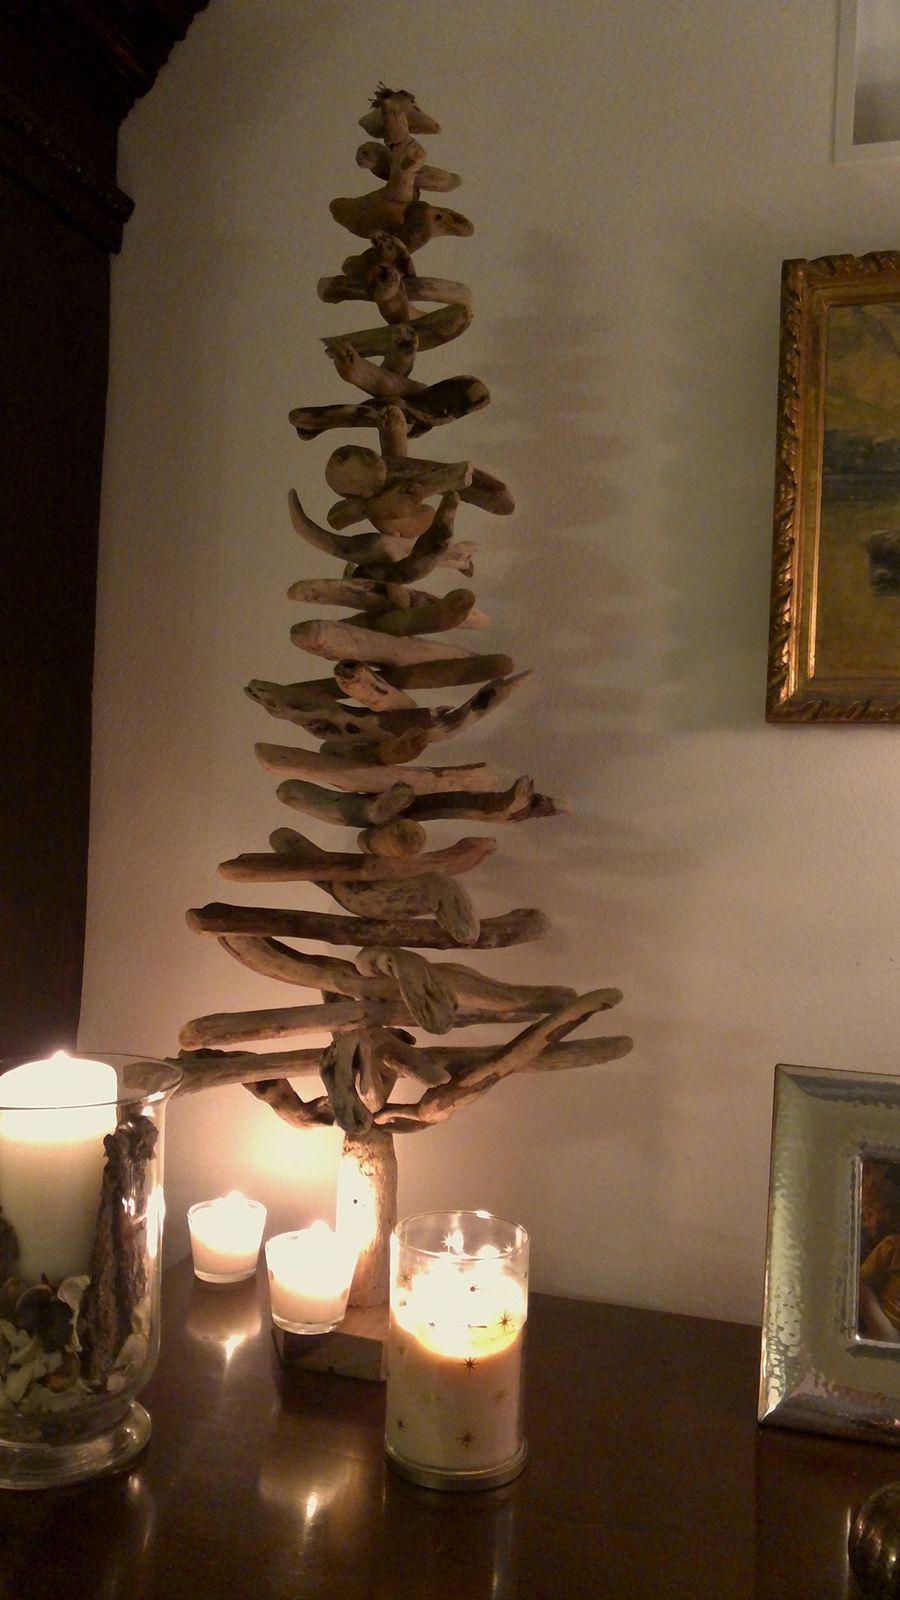 Per chi ancora non ha provveduto a comprarne uno, ecco due idee di albero natalizio fai da te: quello in carta di Monica C. e quello di Olivia G. fatto con legnetti raccolti in spiaggia.